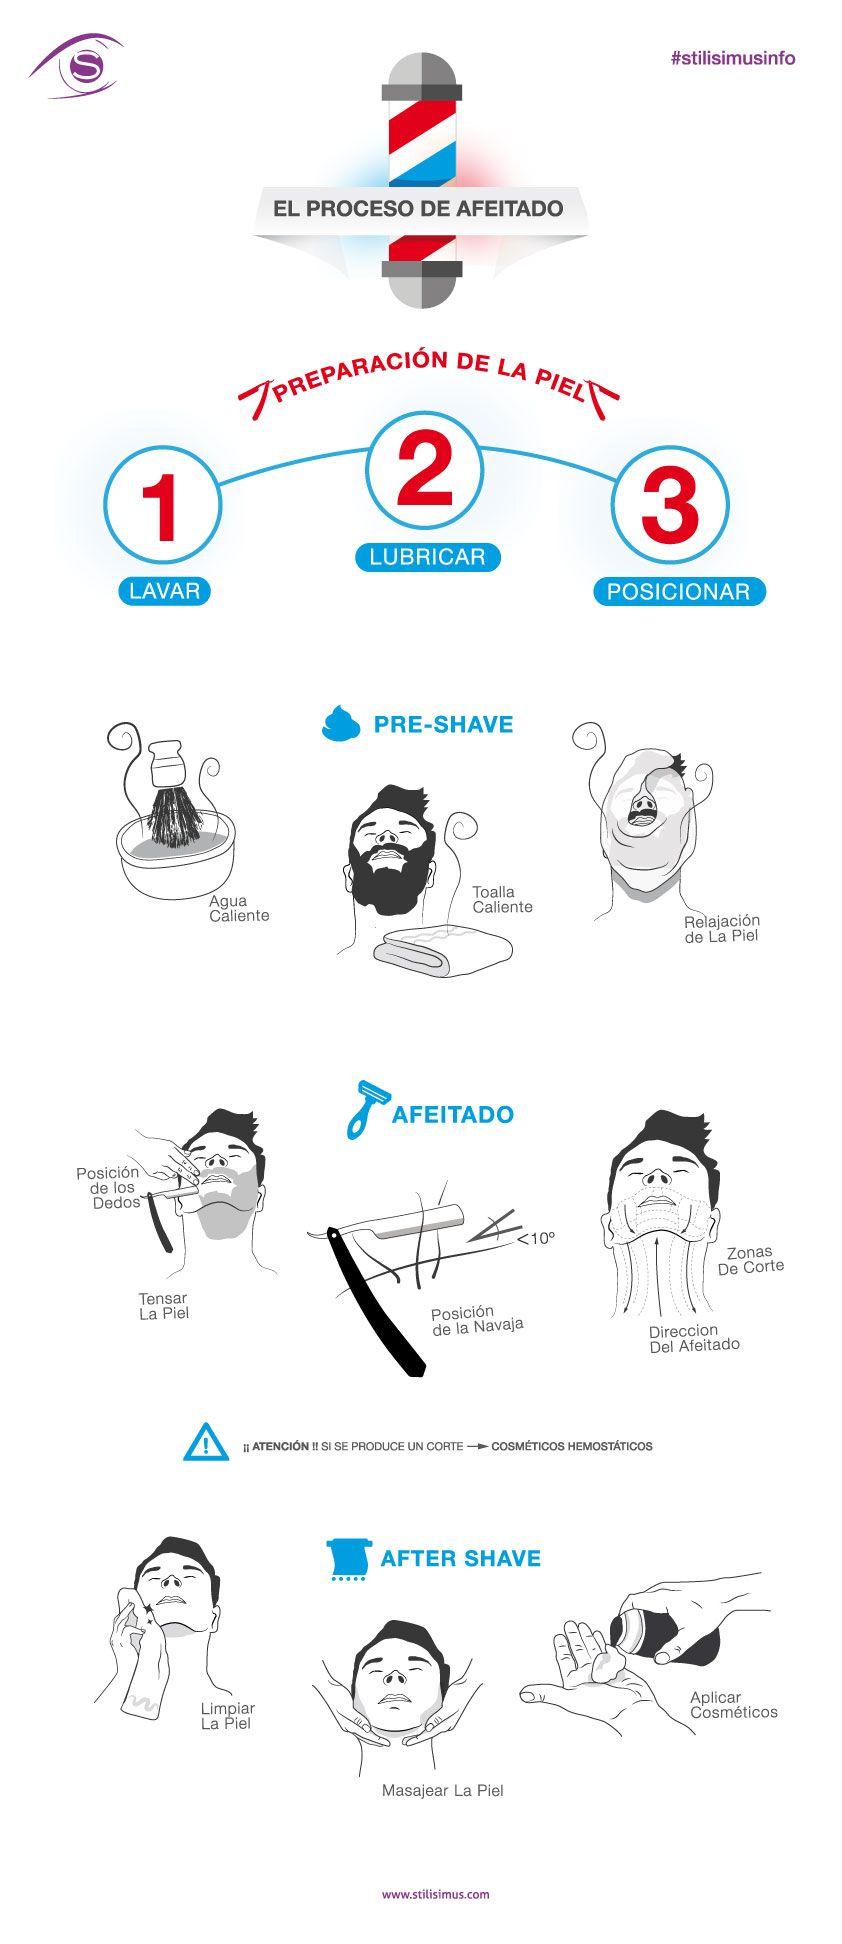 Proceso De Afeitado A Navaja Pasos Importantes A Recordar En Un Protocolo Basico Stilisimusinfo Barberia Y Peluqueria Curso De Barberia Estilos De Barba